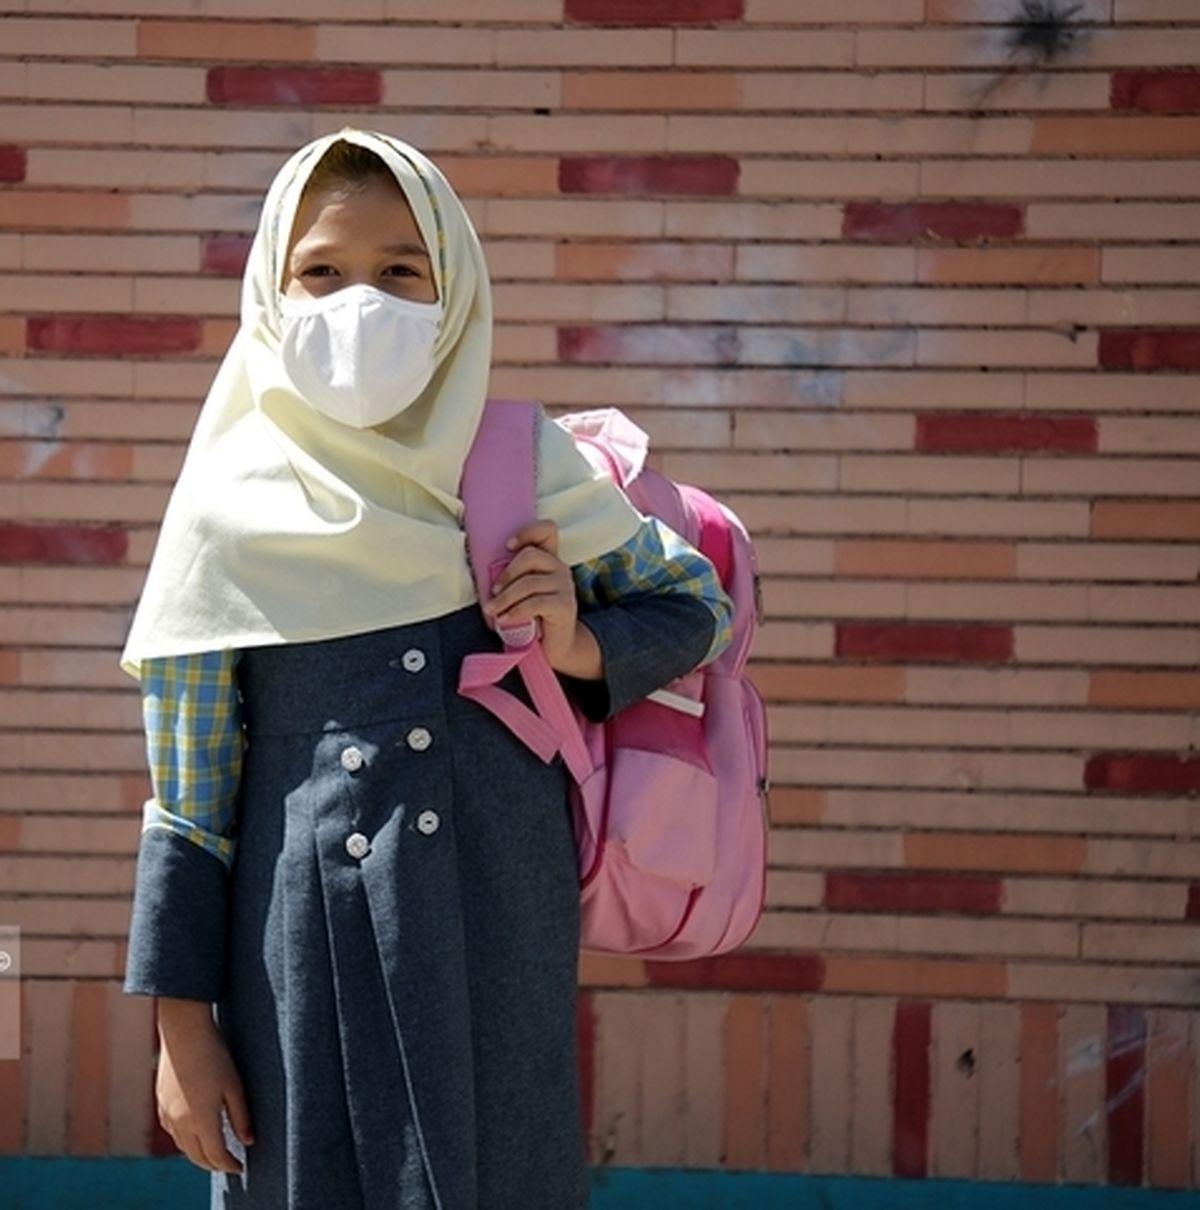 شرط برگشت دانش آموزان به مدارس اعلام شد